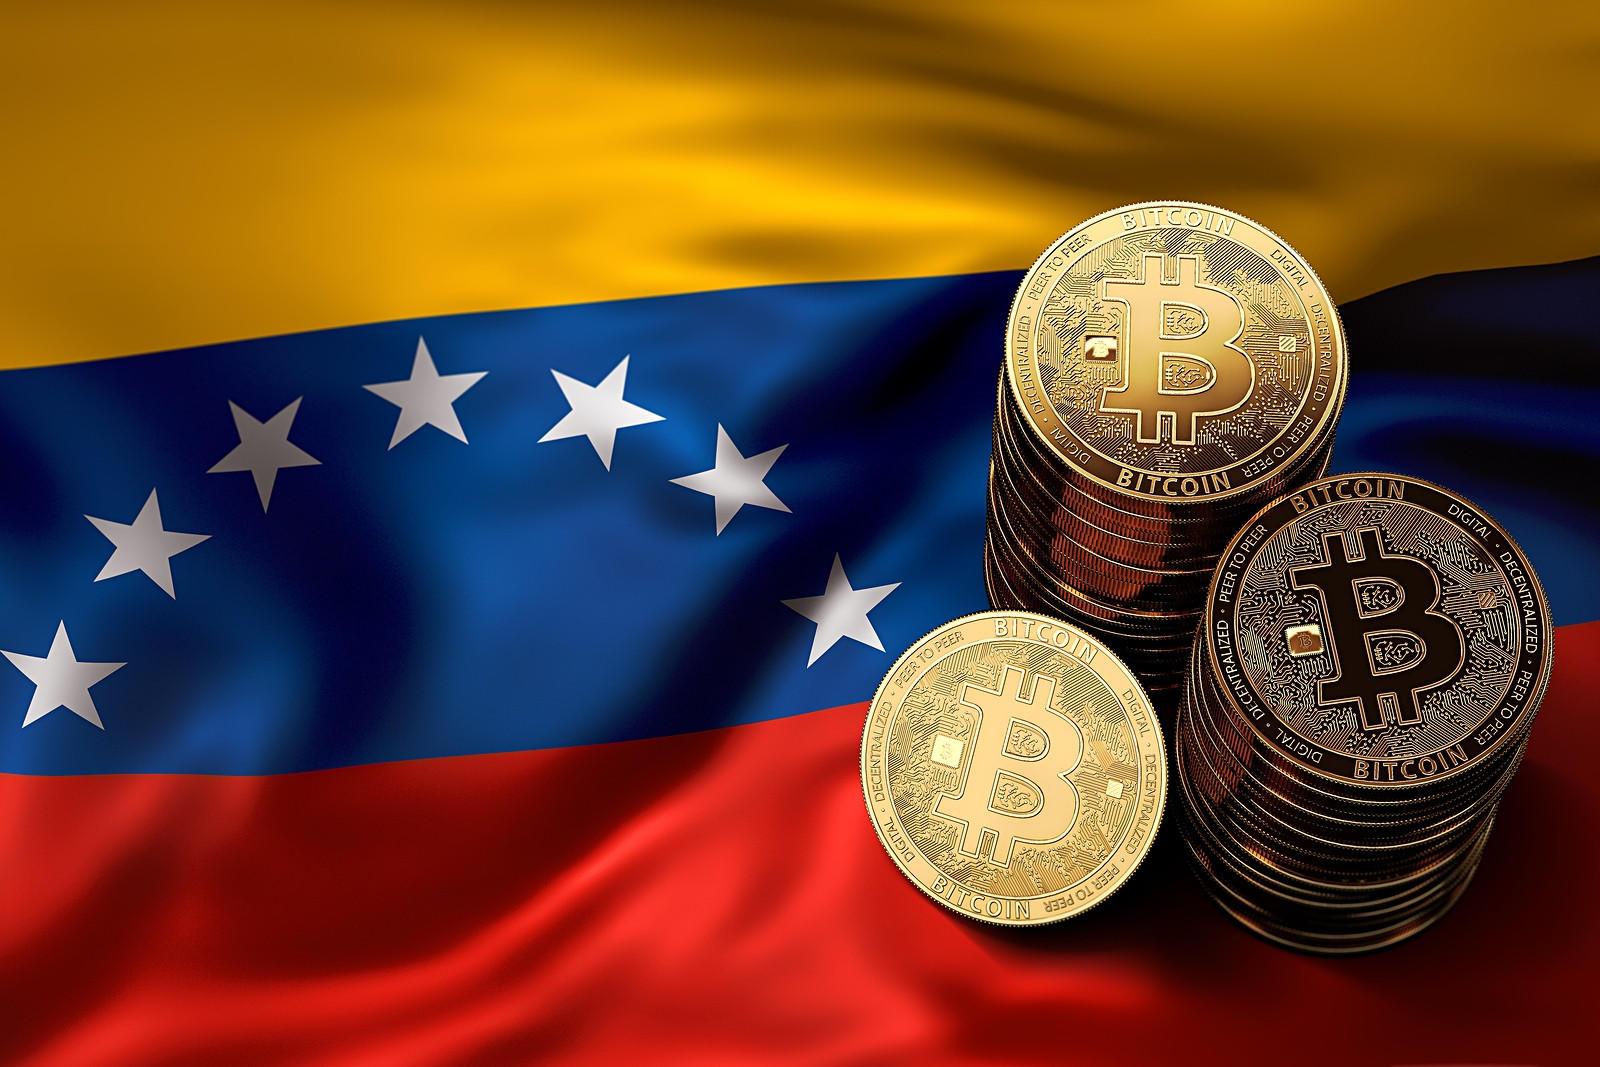 Венесуэла выпустила свою криптовалюту в обращение